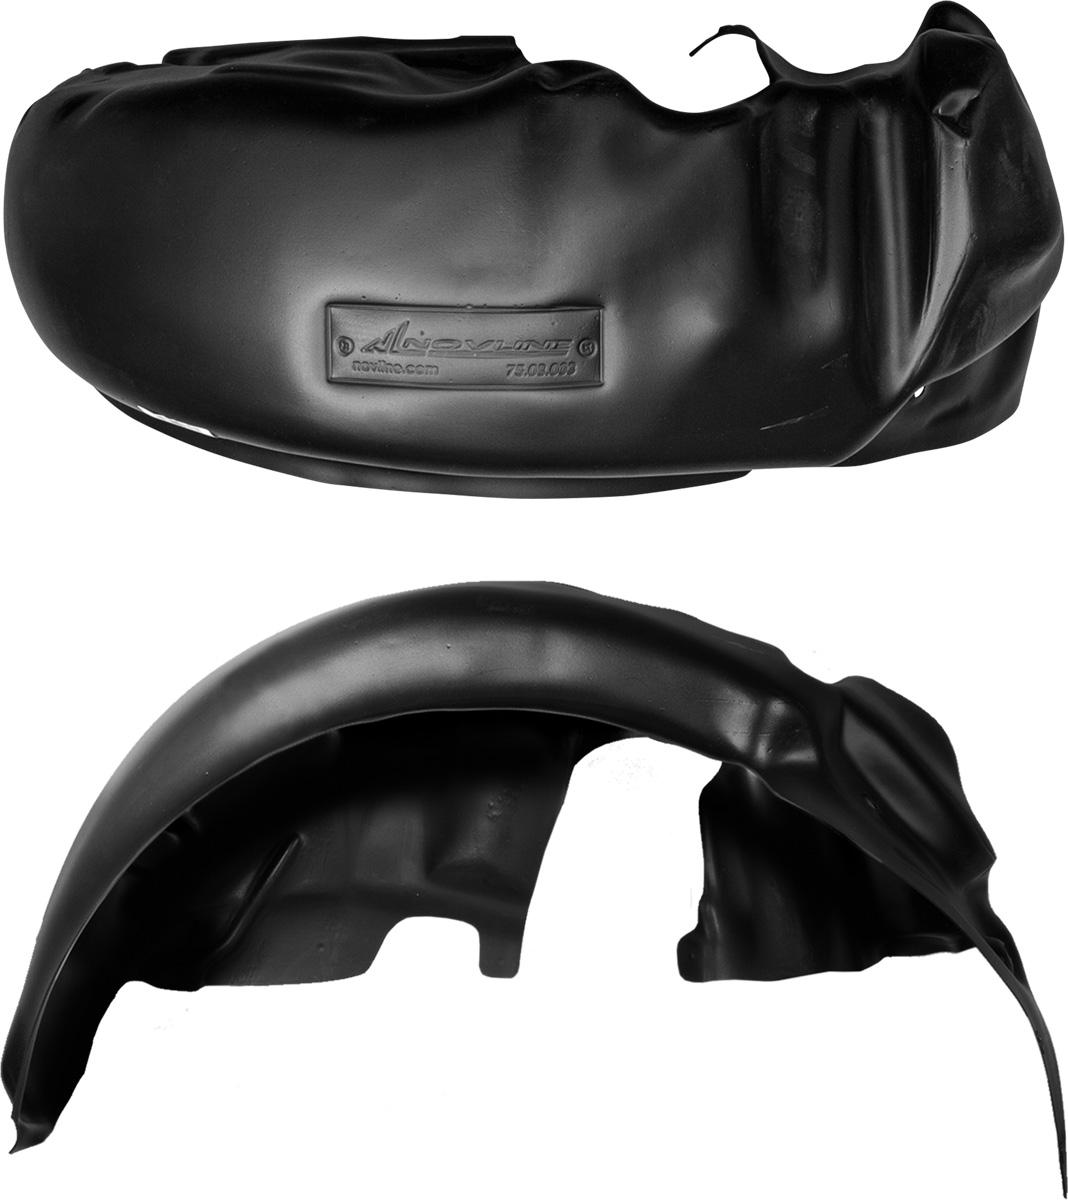 Подкрылок Novline-Autofamily, для Lada Priora 2007 ->, передний левыйNLL.52.16.001Колесные ниши - одни из самых уязвимых зон днища вашего автомобиля. Они постоянно подвергаются воздействию со стороны дороги. Лучшая, почти абсолютная защита для них - специально отформованные пластиковые кожухи, которые называются подкрылками. Производятся они как для отечественных моделей автомобилей, так и для иномарок. Подкрылки Novline-Autofamily выполнены из высококачественного, экологически чистого пластика. Обеспечивают надежную защиту кузова автомобиля от пескоструйного эффекта и негативного влияния, агрессивных антигололедных реагентов. Пластик обладает более низкой теплопроводностью, чем металл, поэтому в зимний период эксплуатации использование пластиковых подкрылков позволяет лучше защитить колесные ниши от налипания снега и образования наледи. Оригинальность конструкции подчеркивает элегантность автомобиля, бережно защищает нанесенное на днище кузова антикоррозийное покрытие и позволяет осуществить крепление подкрылков внутри колесной арки практически без...